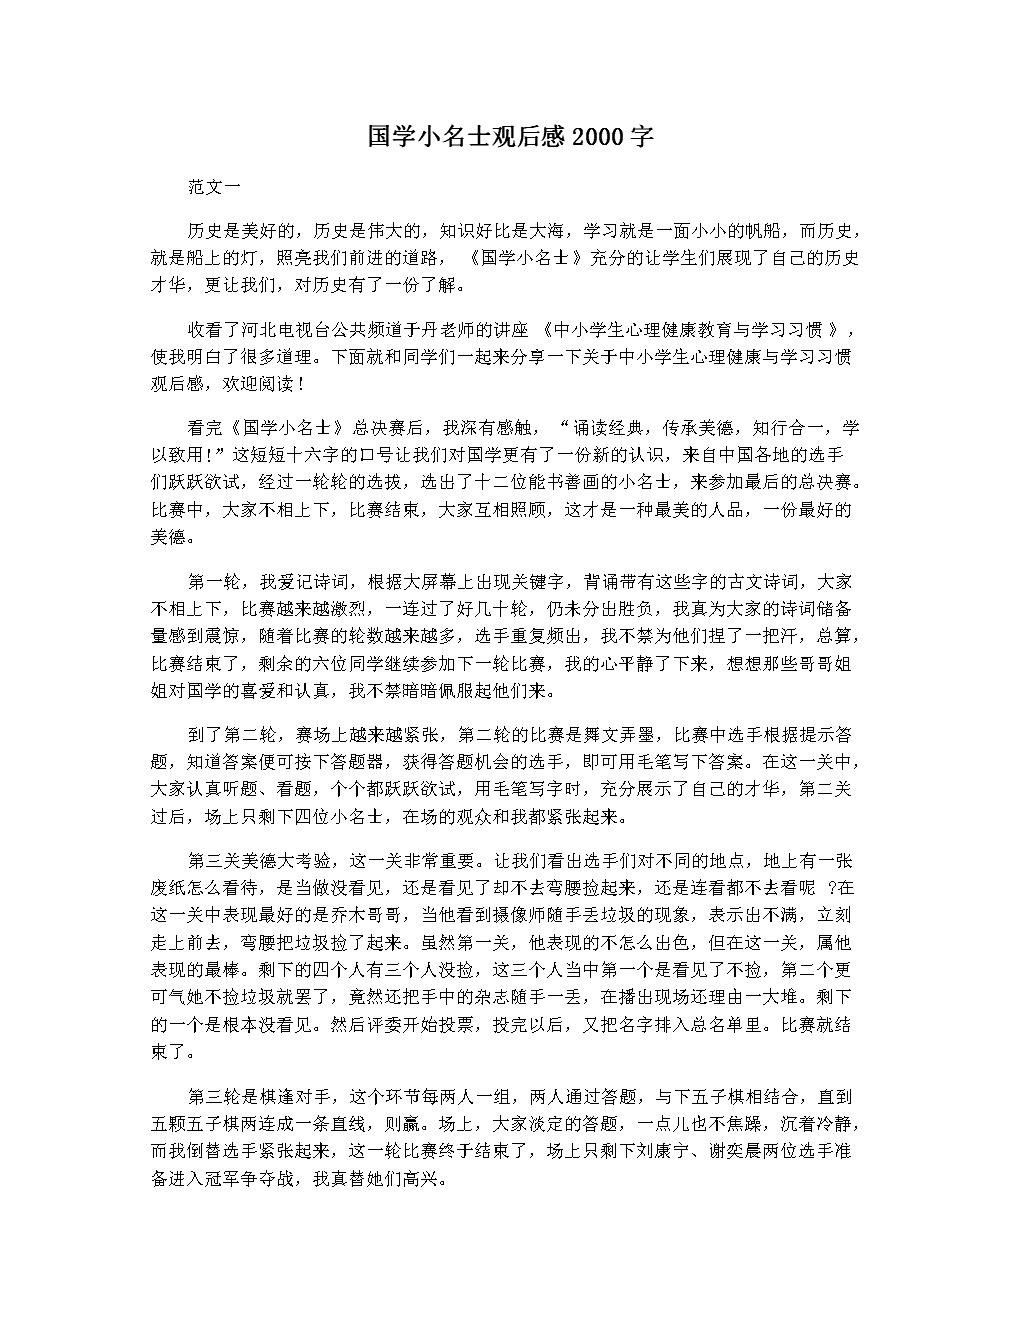 国学小名士观后感2000字.docx